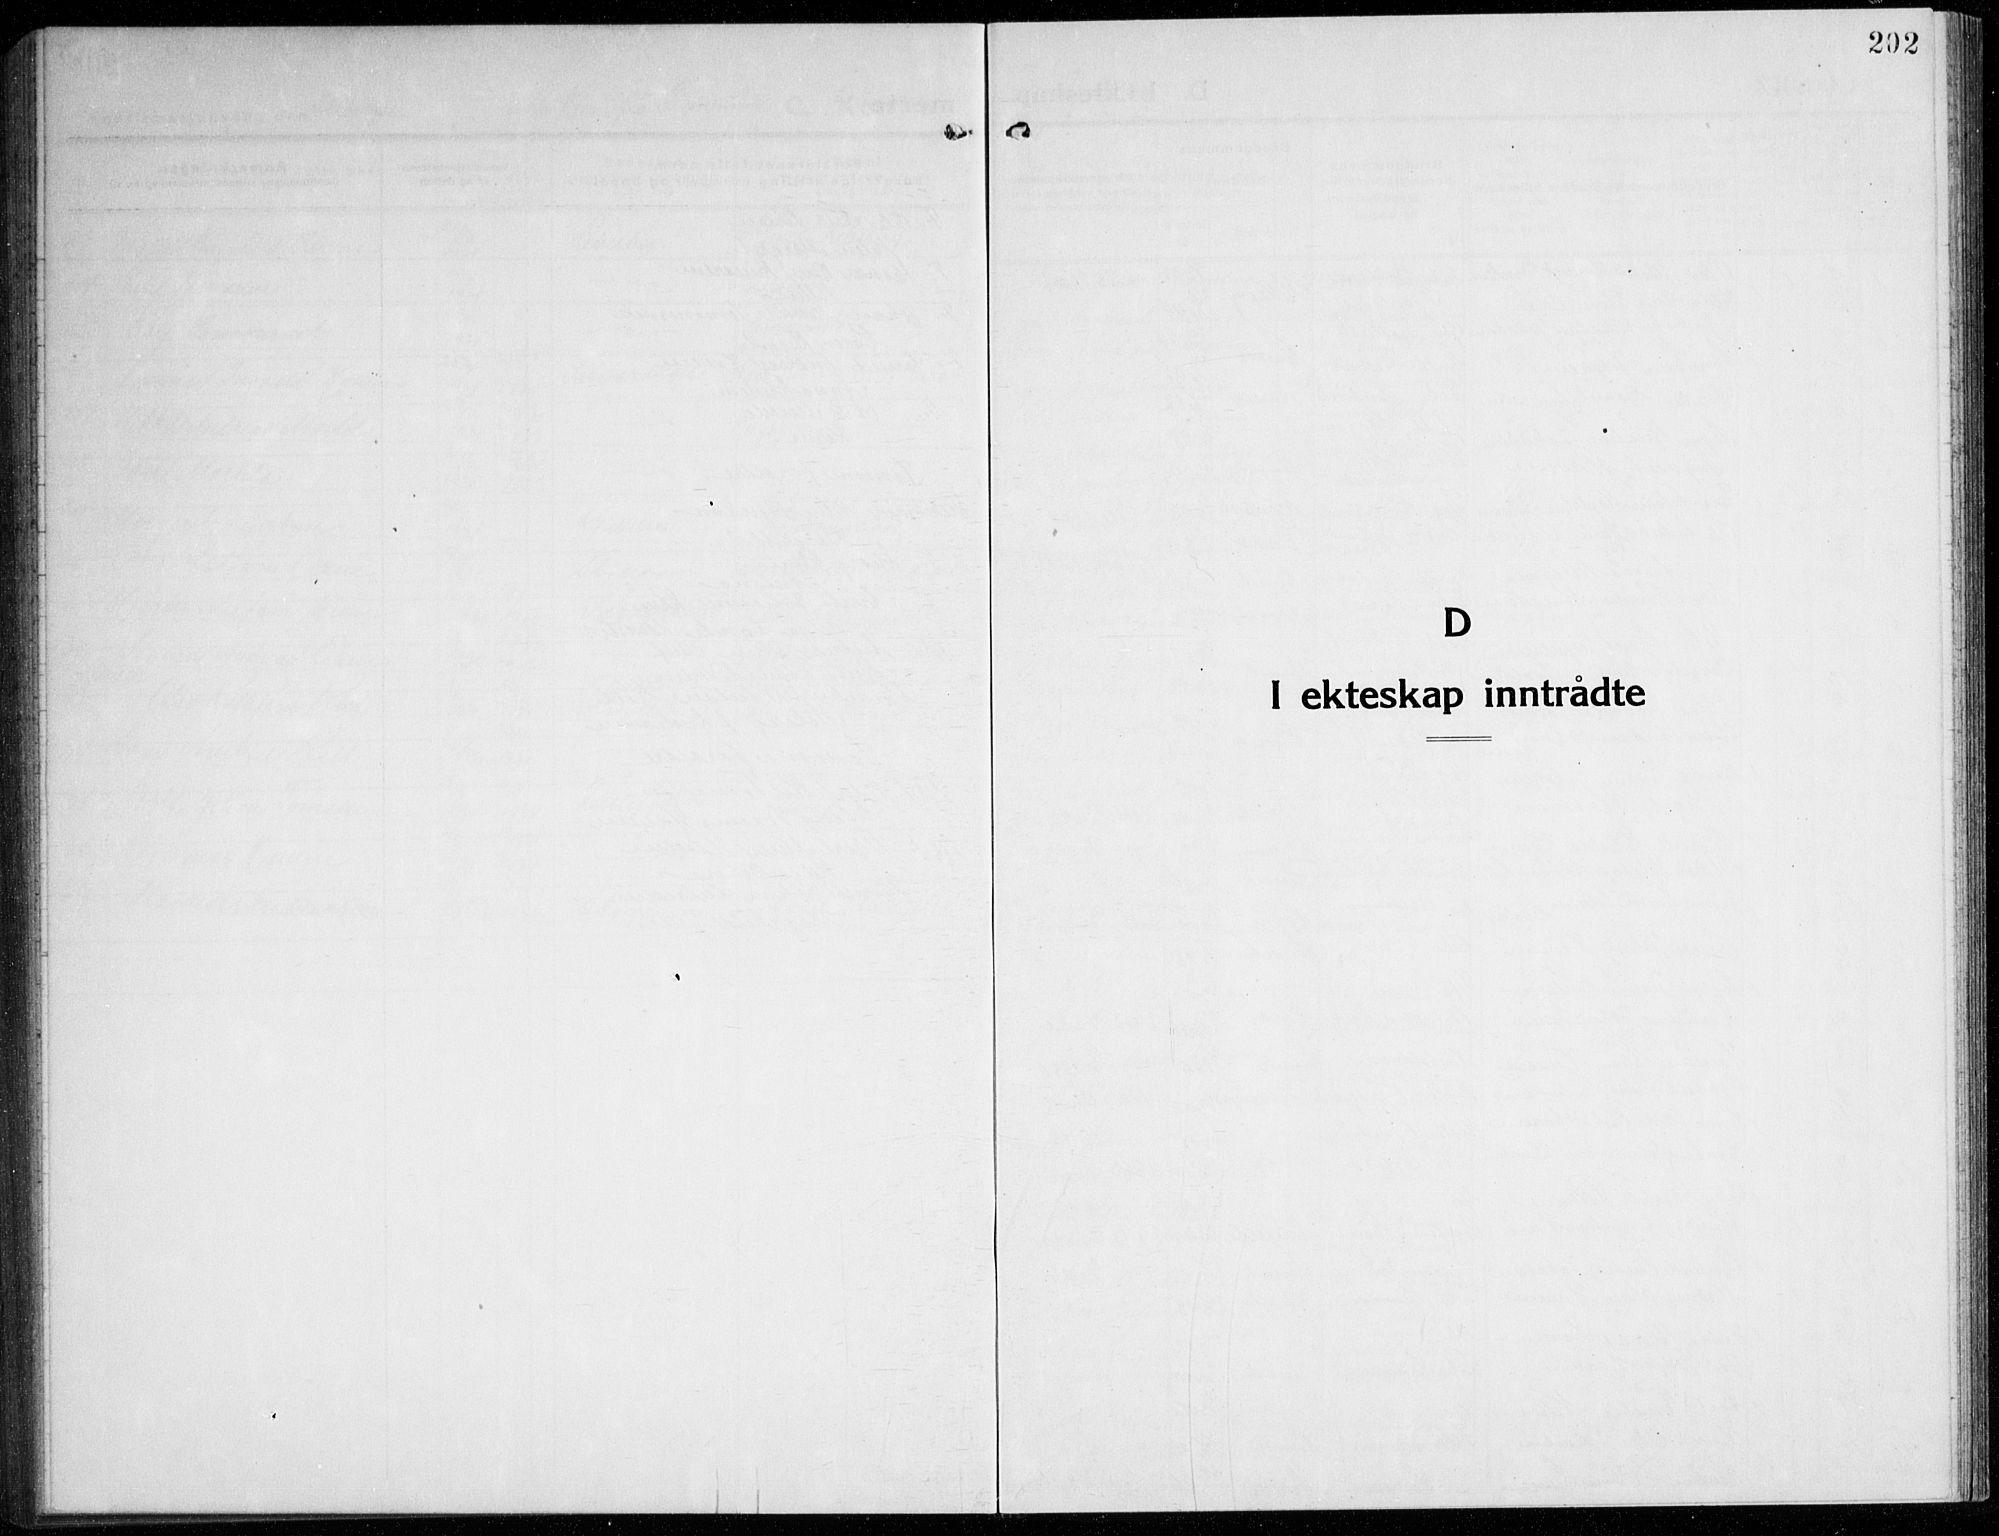 SATØ, Lenvik sokneprestembete, H/Ha: Klokkerbok nr. 10, 1927-1945, s. 202